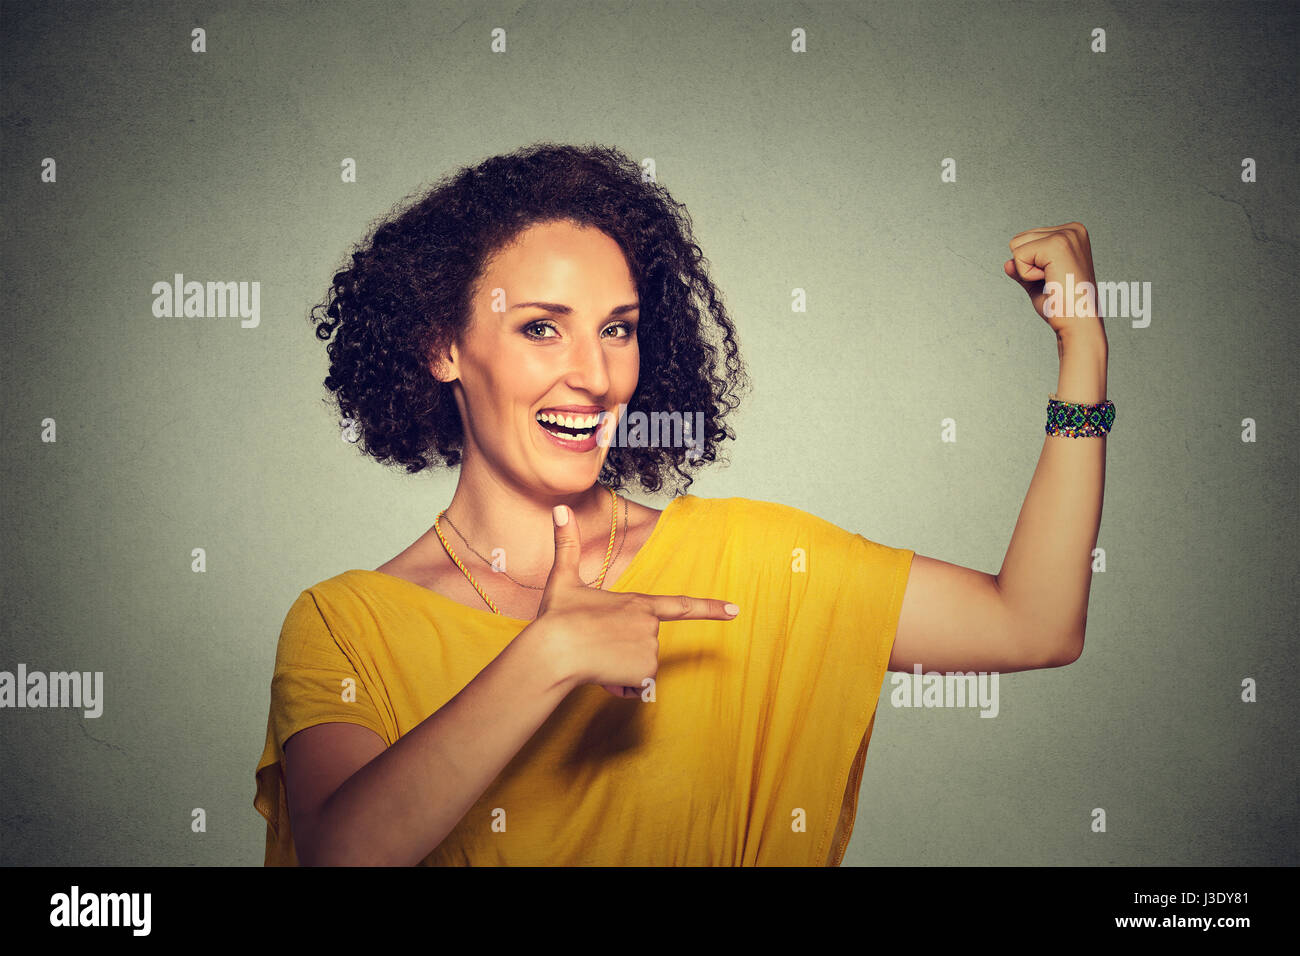 Closeup retrato fit modelo saludable de mediana edad mujer flexionando los músculos seguros mostrando su fortaleza Imagen De Stock